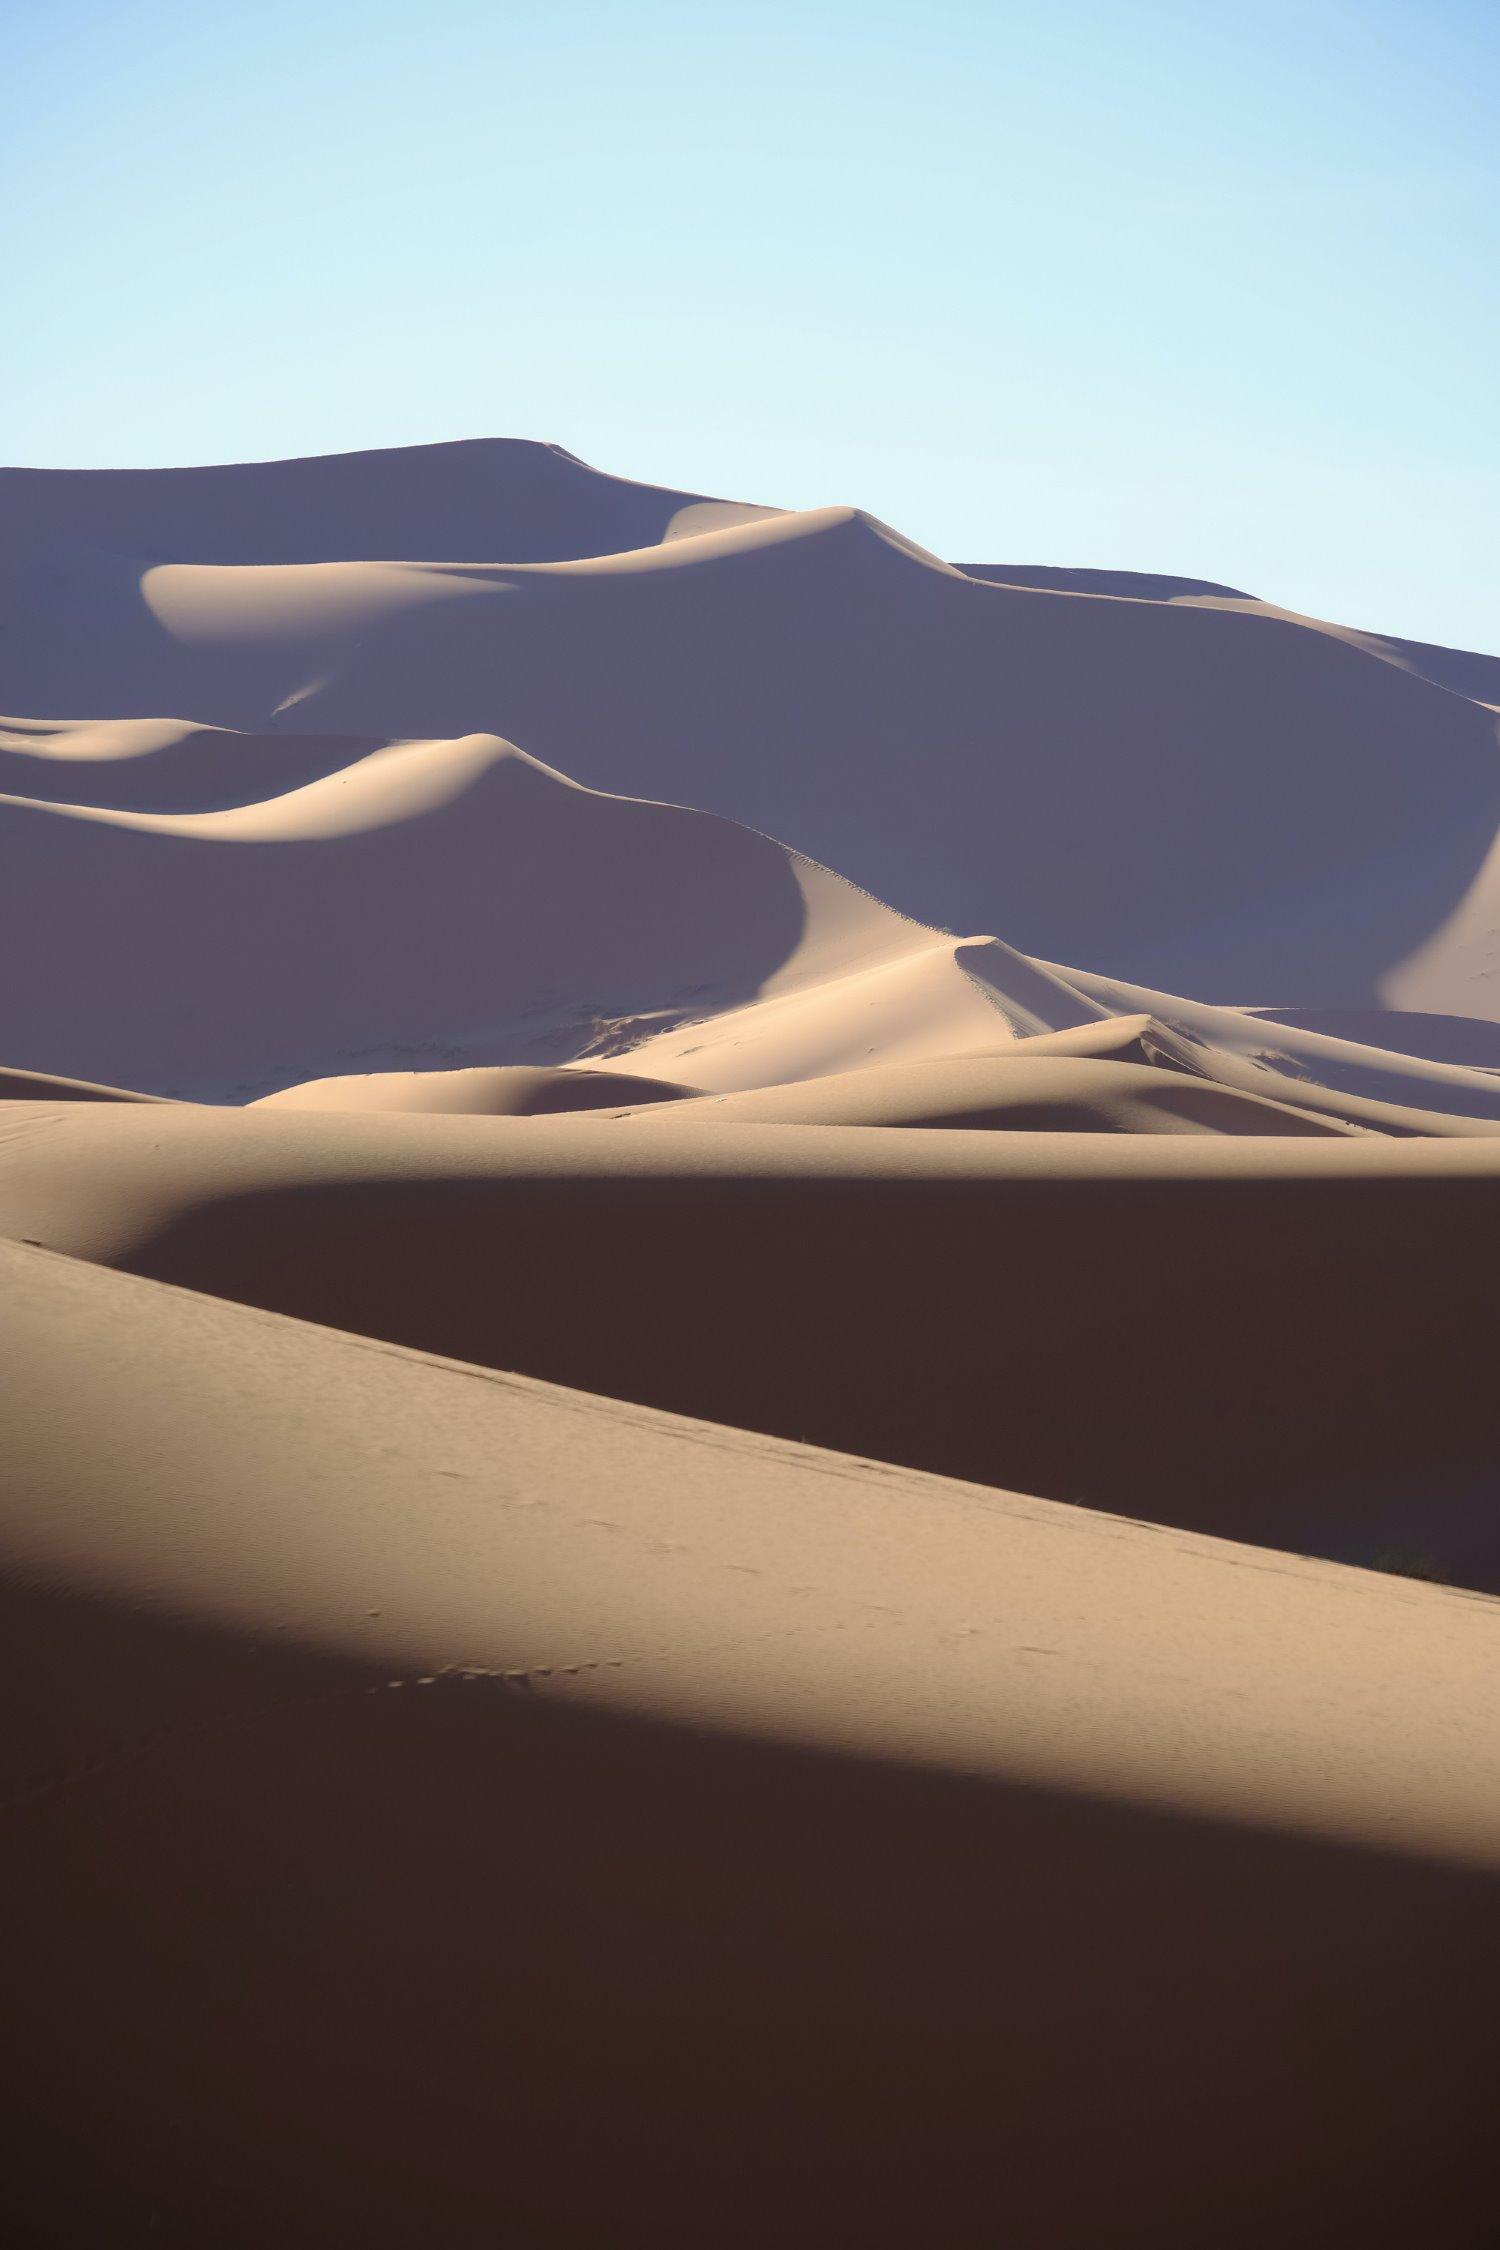 dicas para fotografar paisagens de dunas de areia